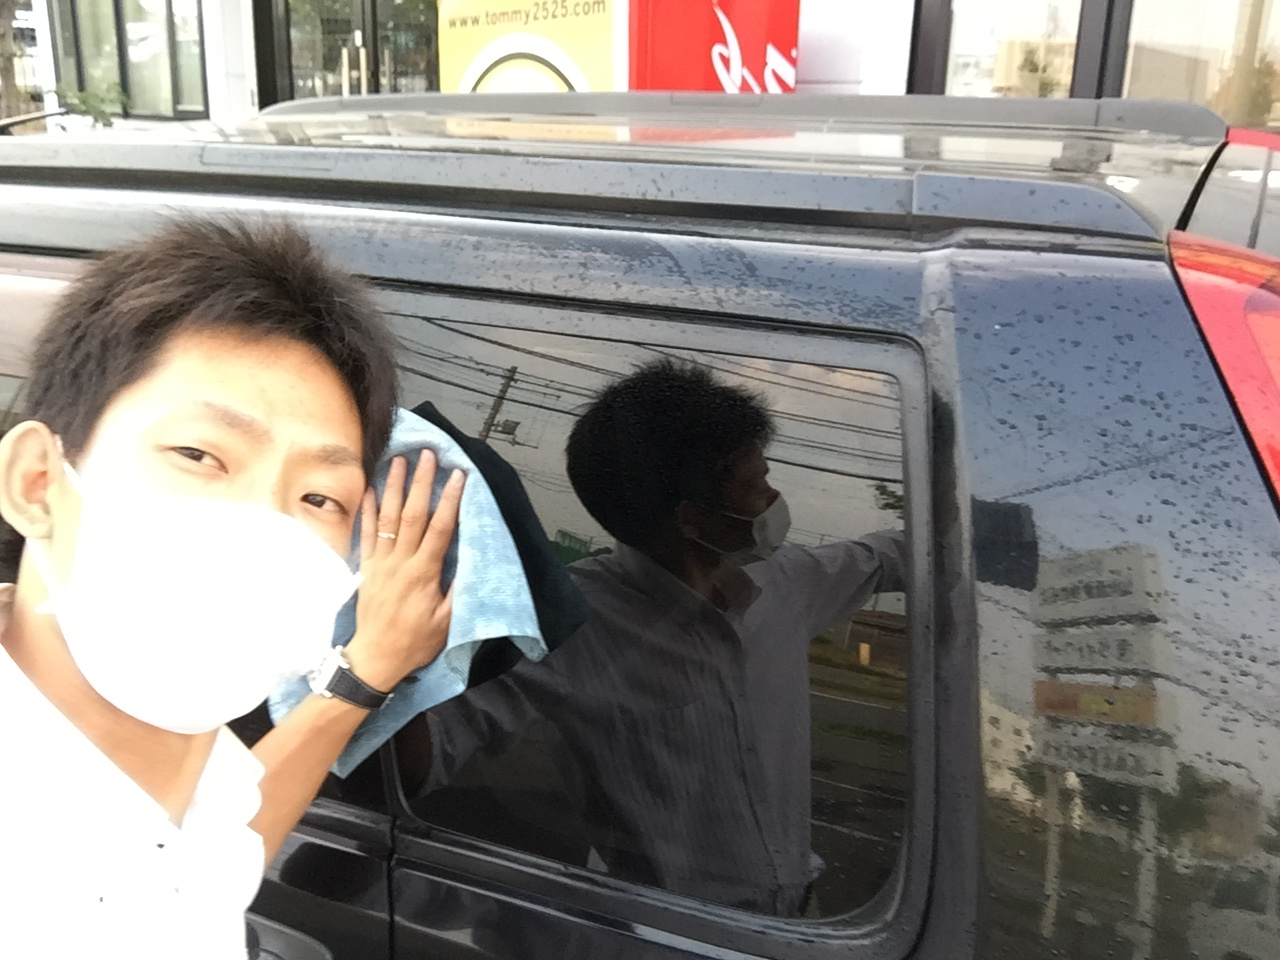 8月4日(火)TOMMYアウトレット♪♪T様サンバー納車!!!☆_b0127002_18252020.jpg